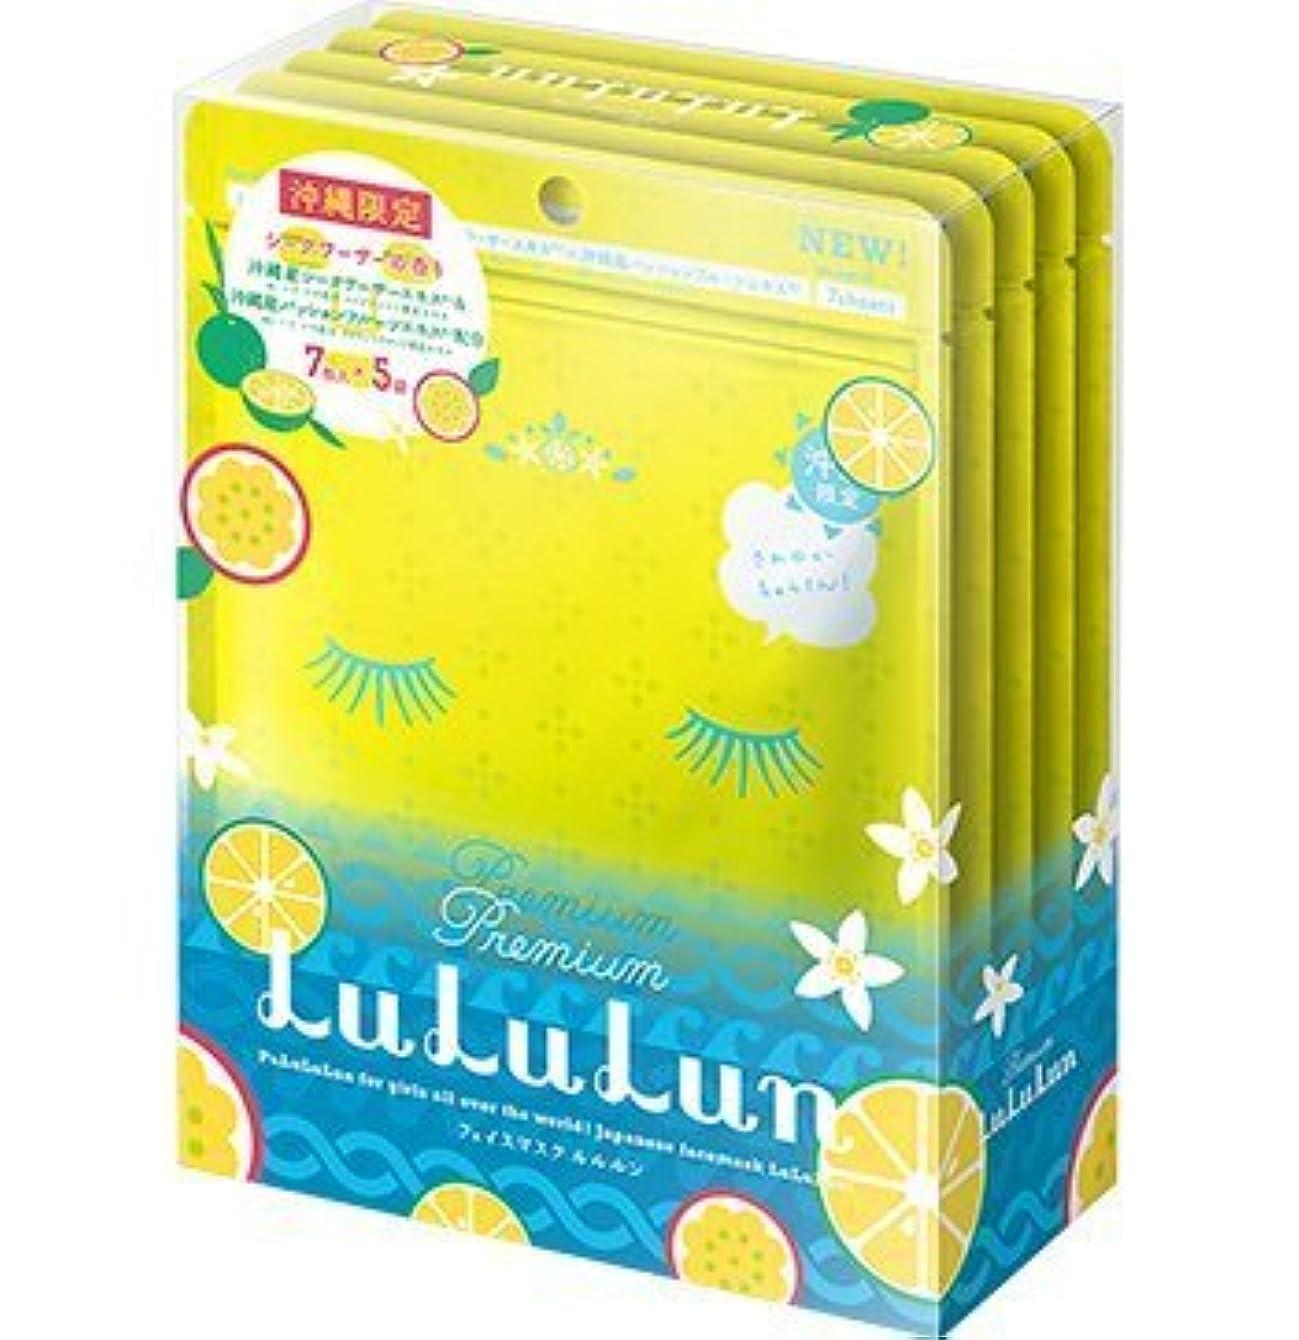 通信する盆地ディレクトリ沖縄限定 沖縄プレミアム ルルルン LuLuLun フェイスマスク シークワーサーの香り 7枚入り×5袋